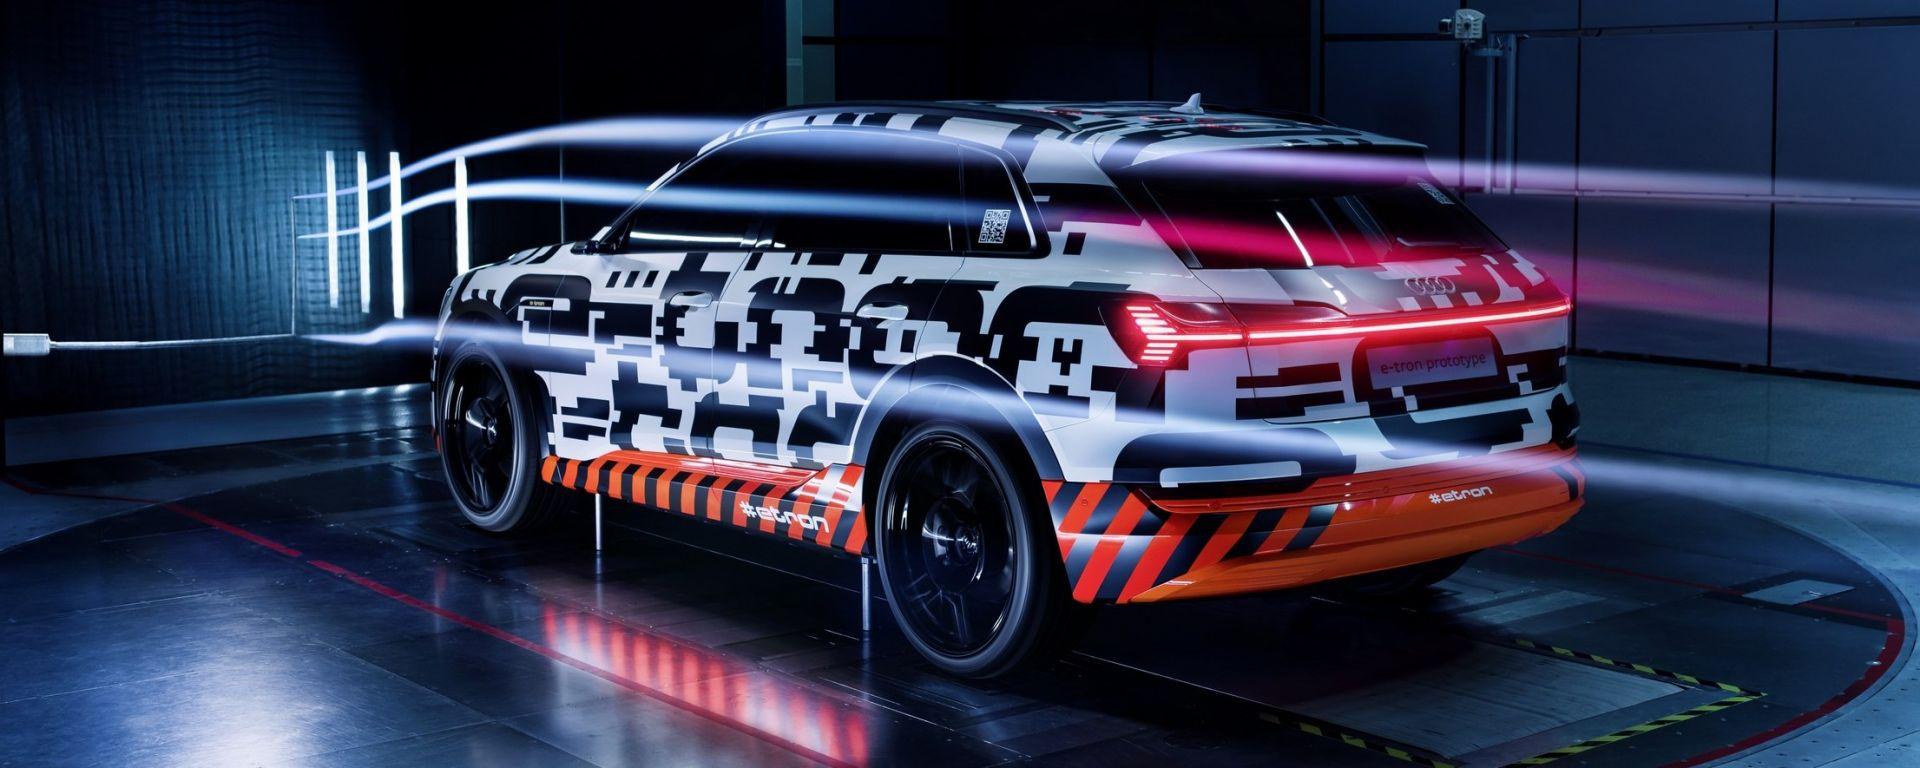 Audi e-tron Prototipo: aerodinamica al top per il Suv elettrico